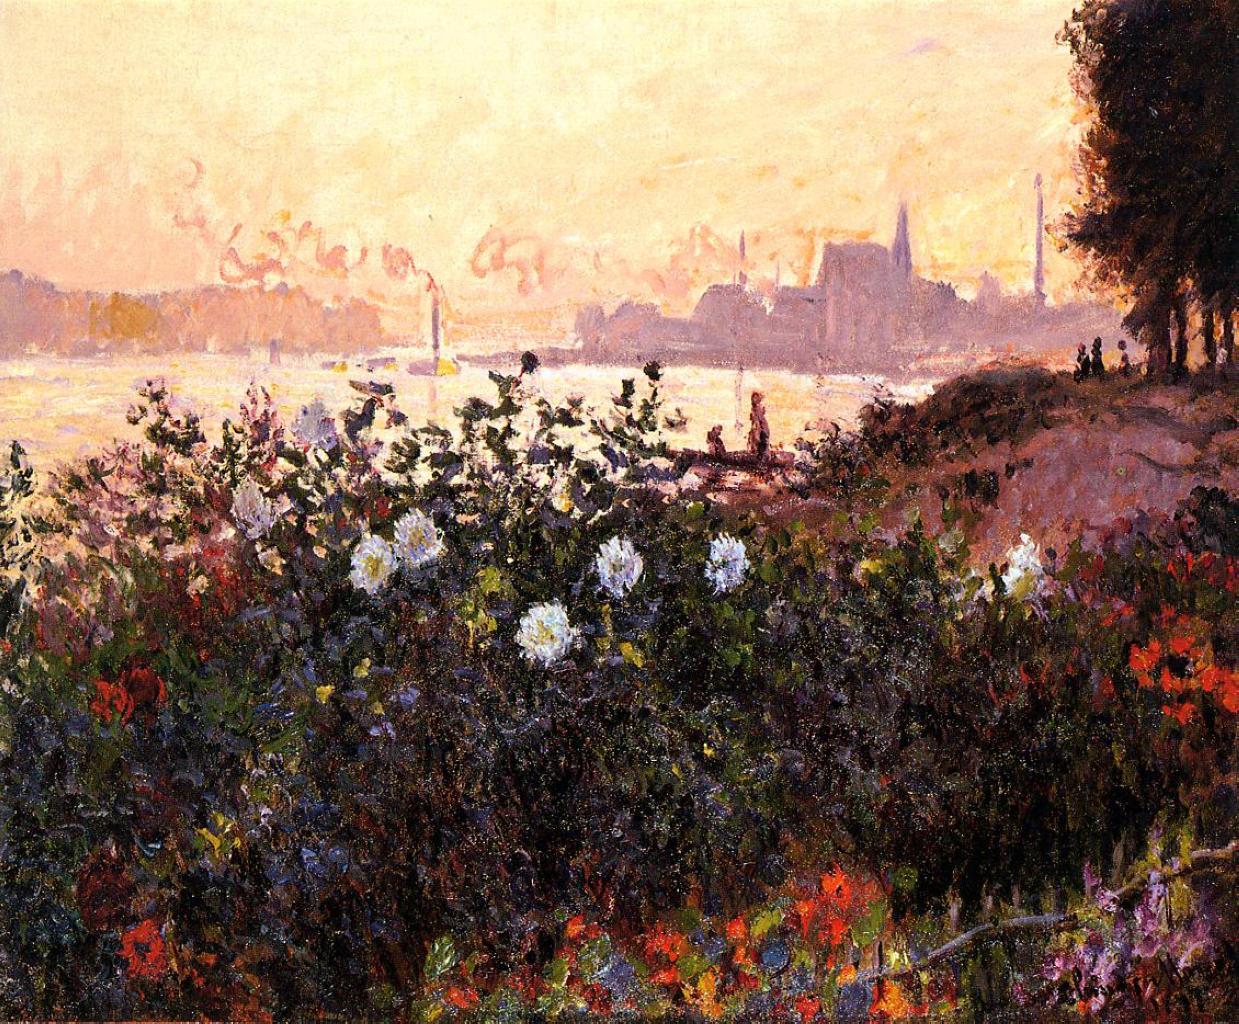 речной пейзаж < Аржантёй, цветы на берегу реки >:: Клод Моне, описание картины - Claude Monet фото